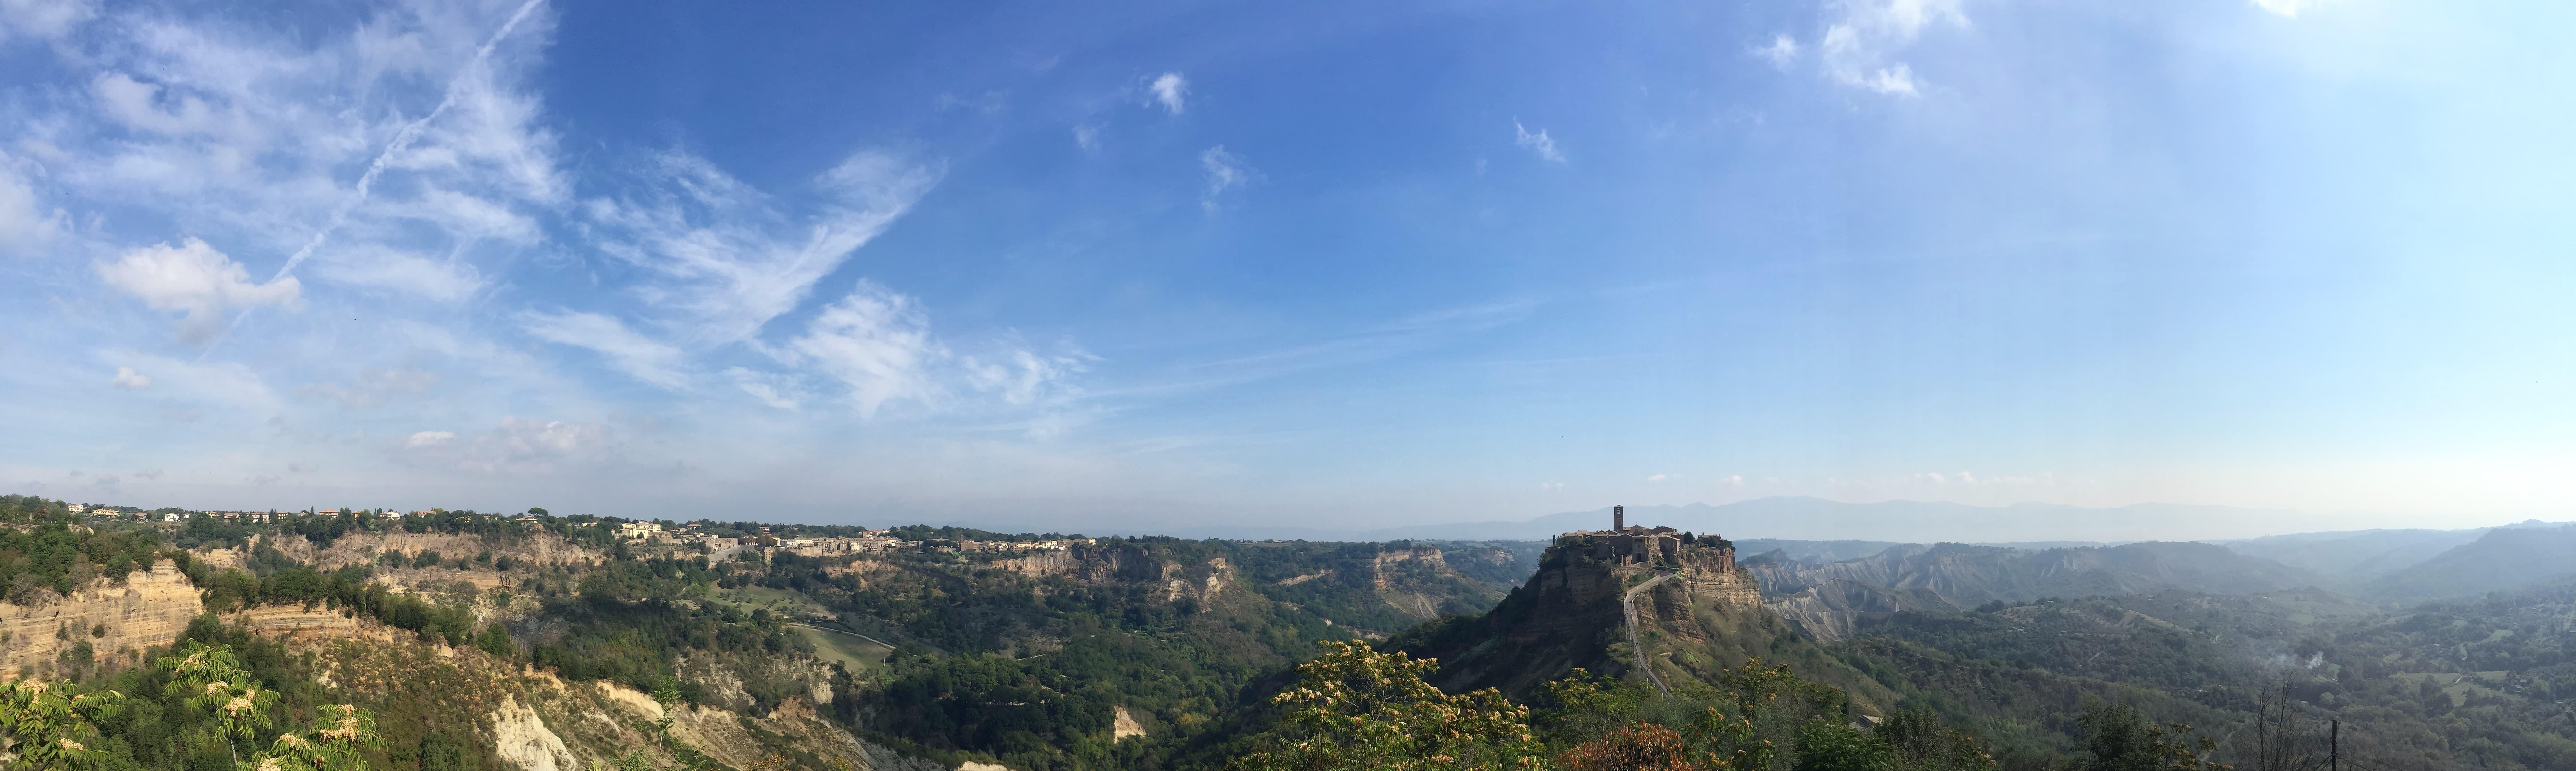 Paroramafoto Civita di Bagnoregio in Italie.